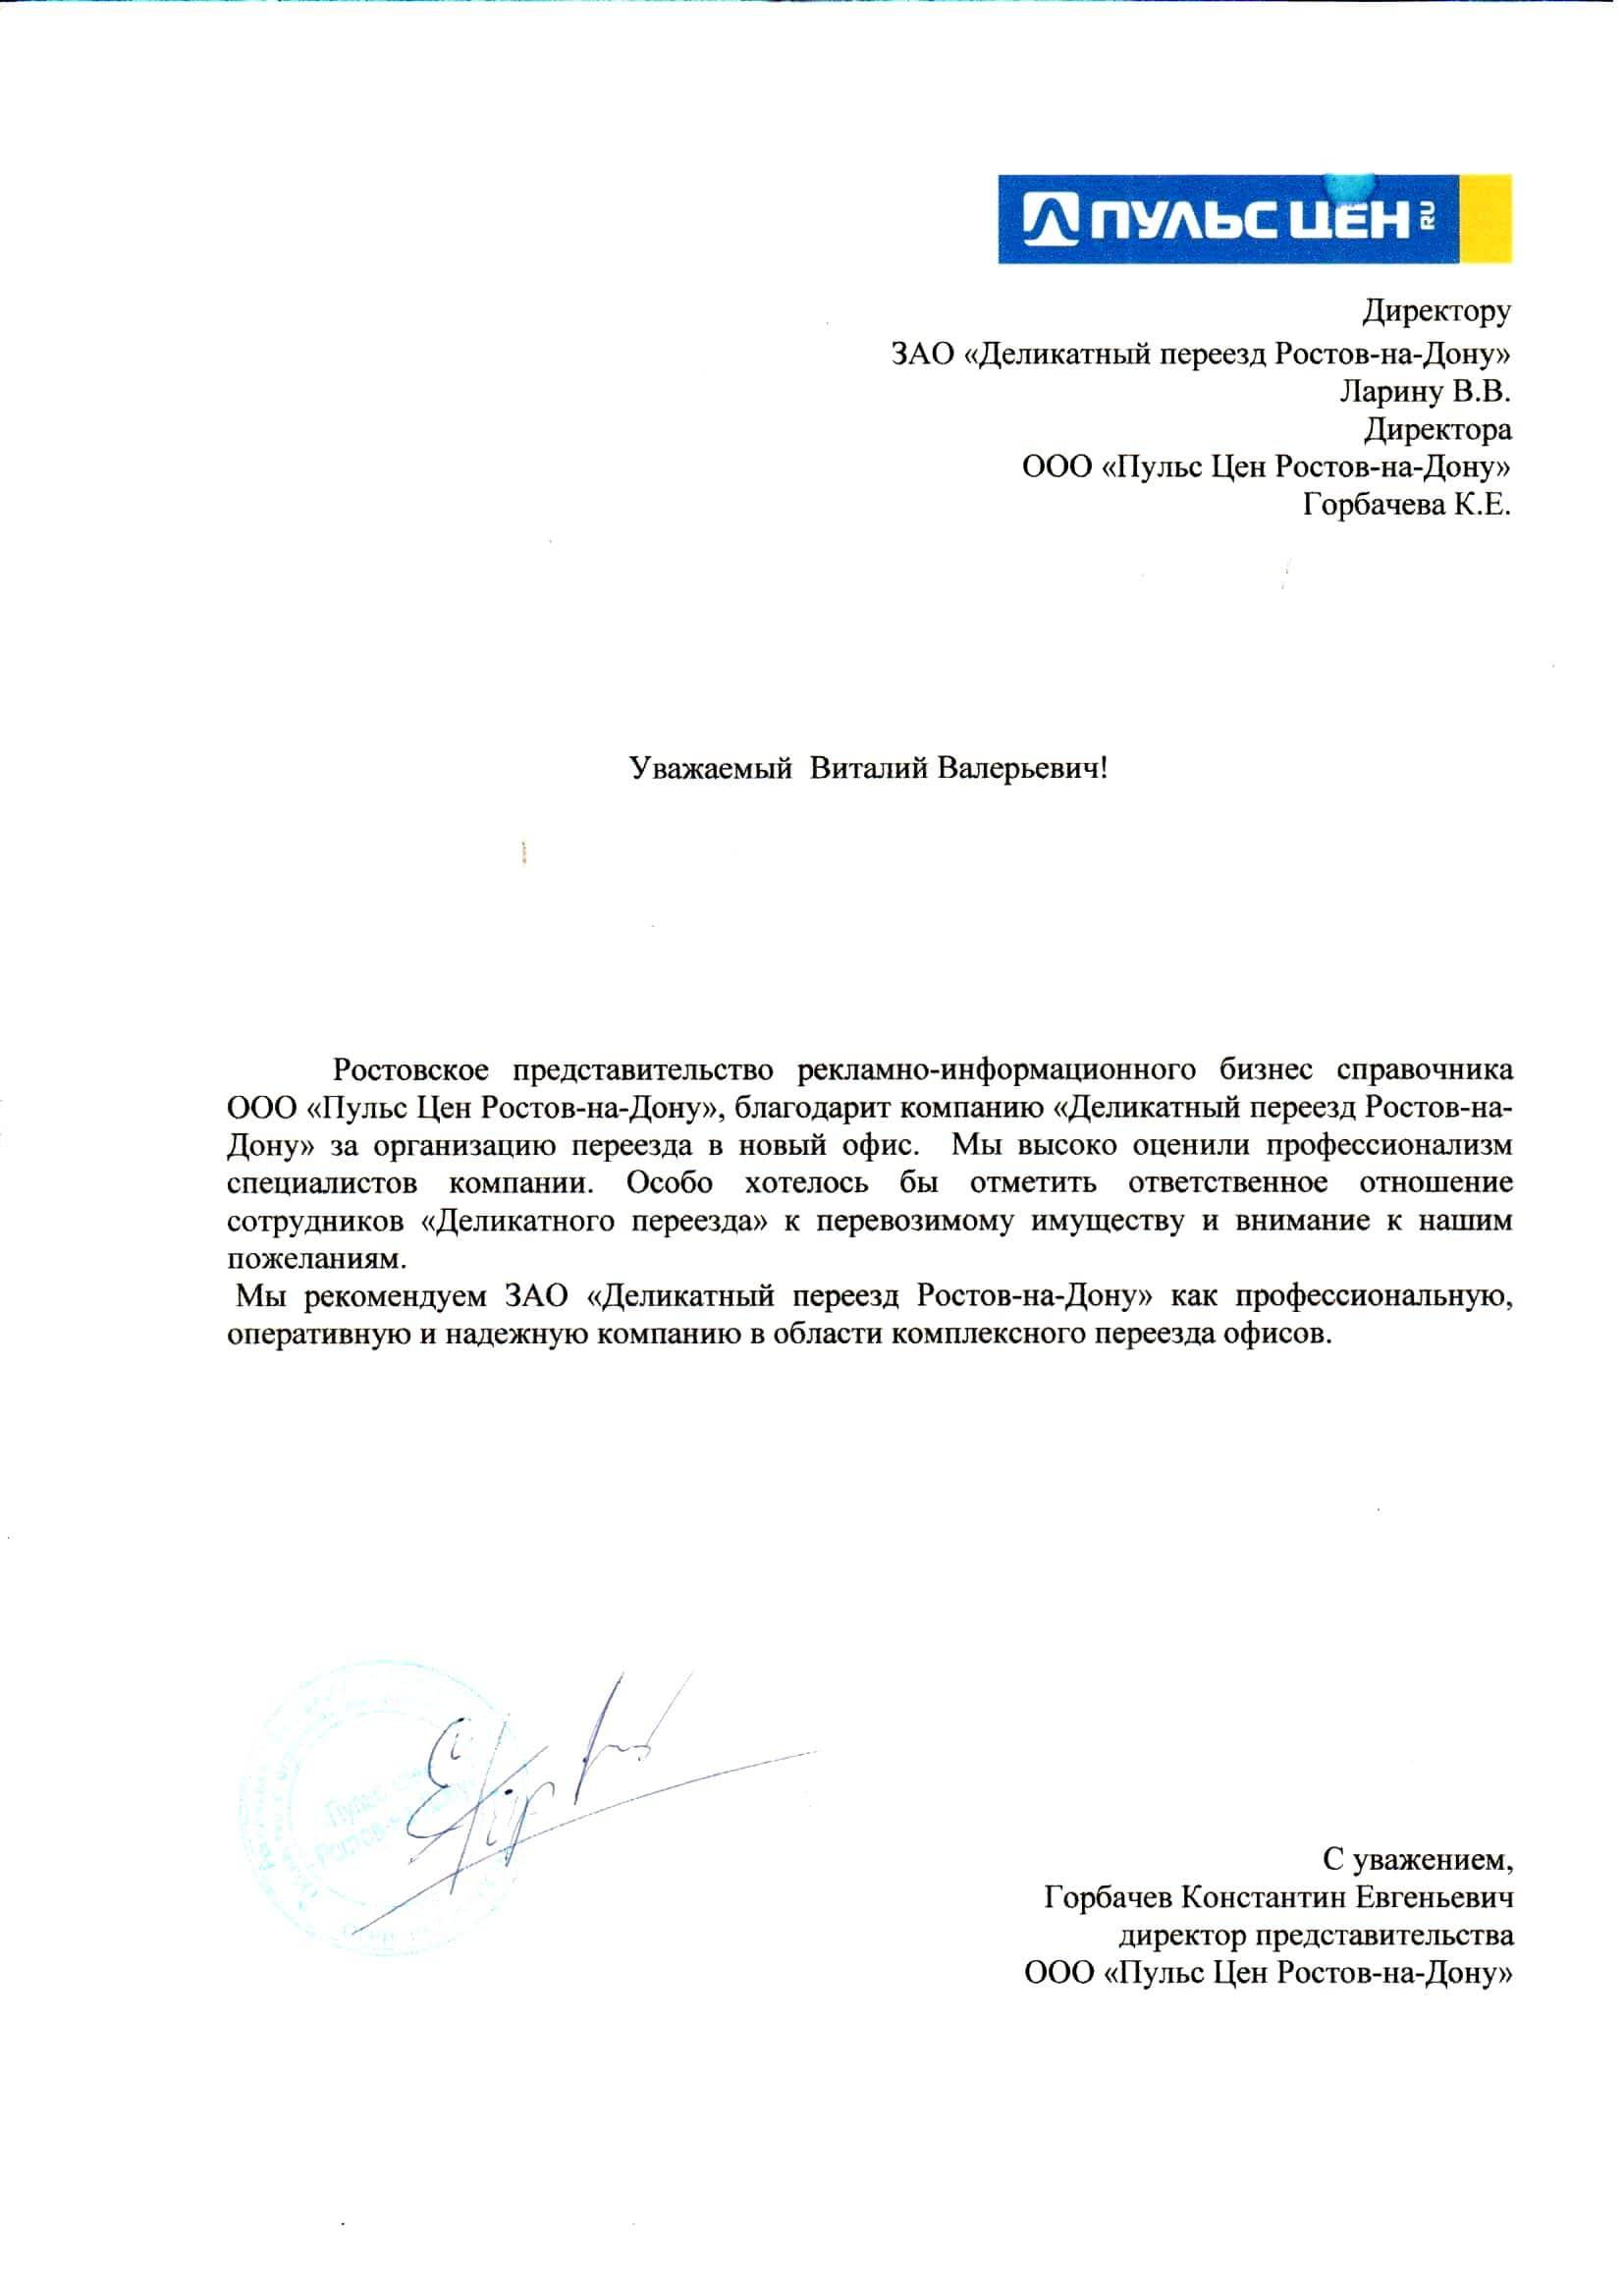 Благодарственное письмо от ООО «Пульс Цен Ростов-на-Дону»